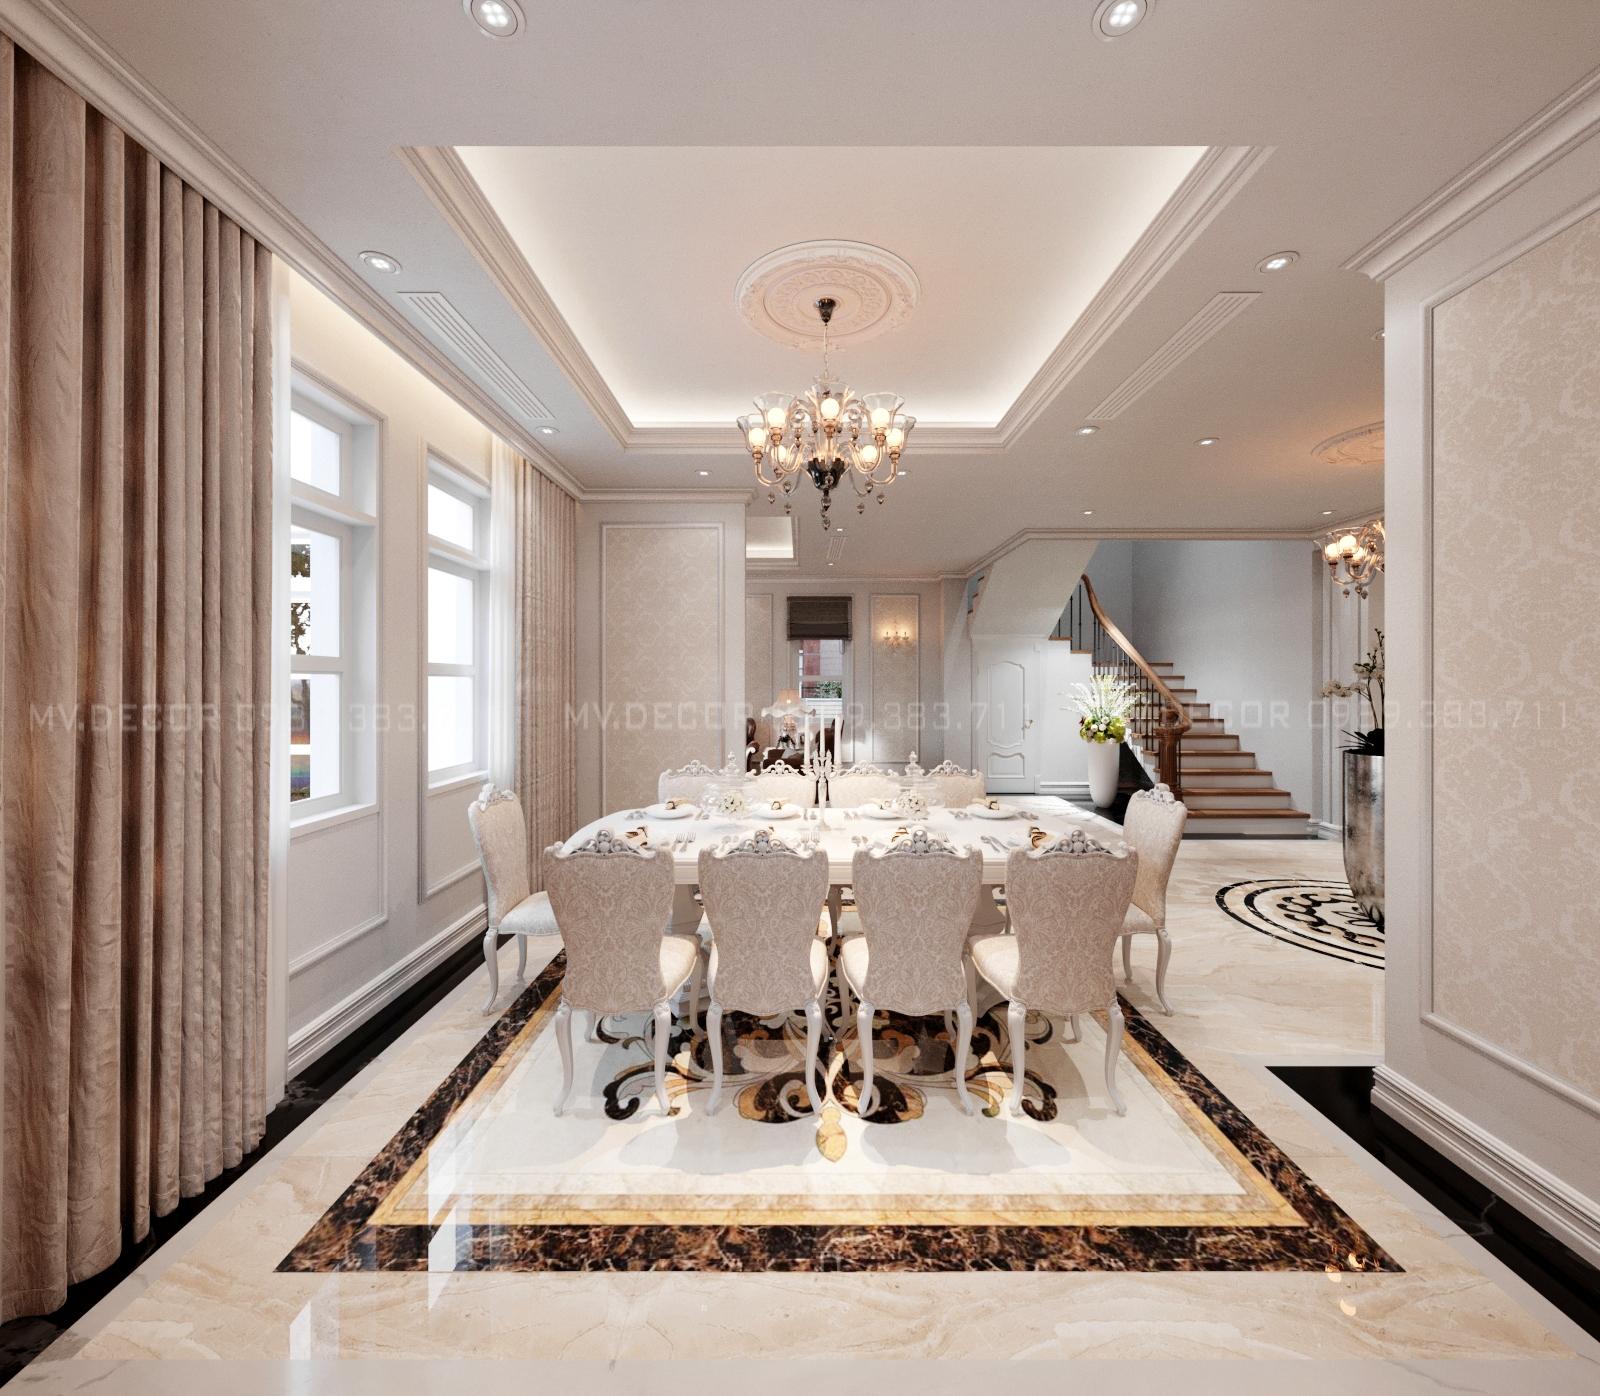 thiết kế nội thất Biệt Thự tại Hải Phòng BT VENICE 6-26 4 1564932011